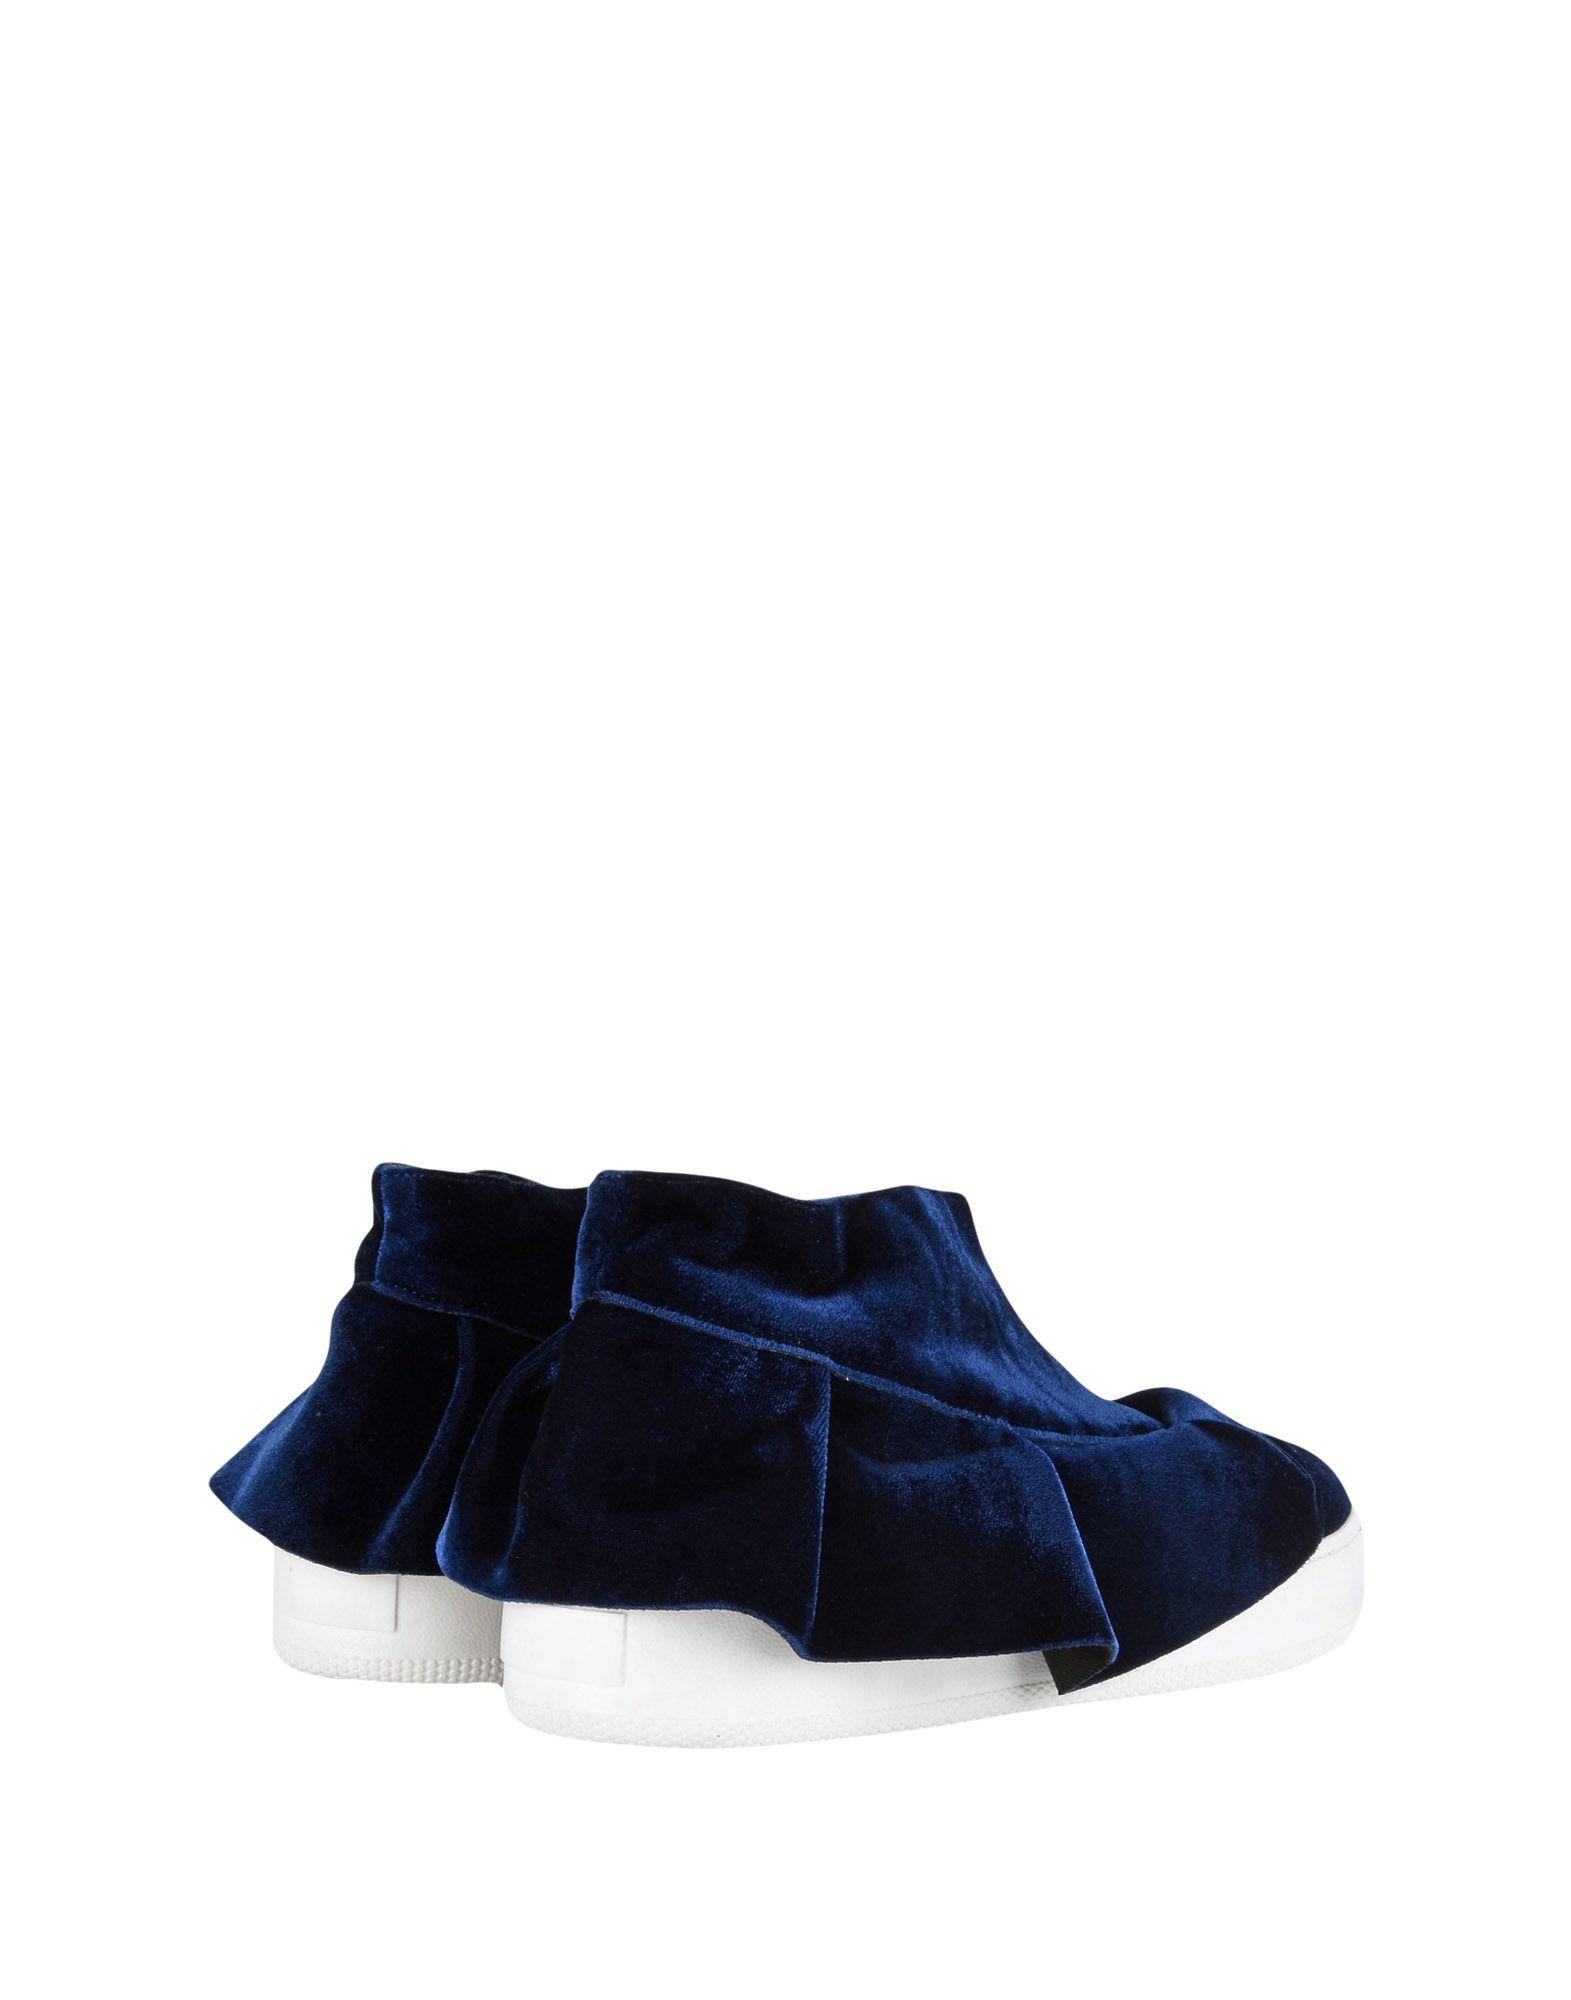 George J. Damen Love Sneakers Damen J.  11403959RM  363216